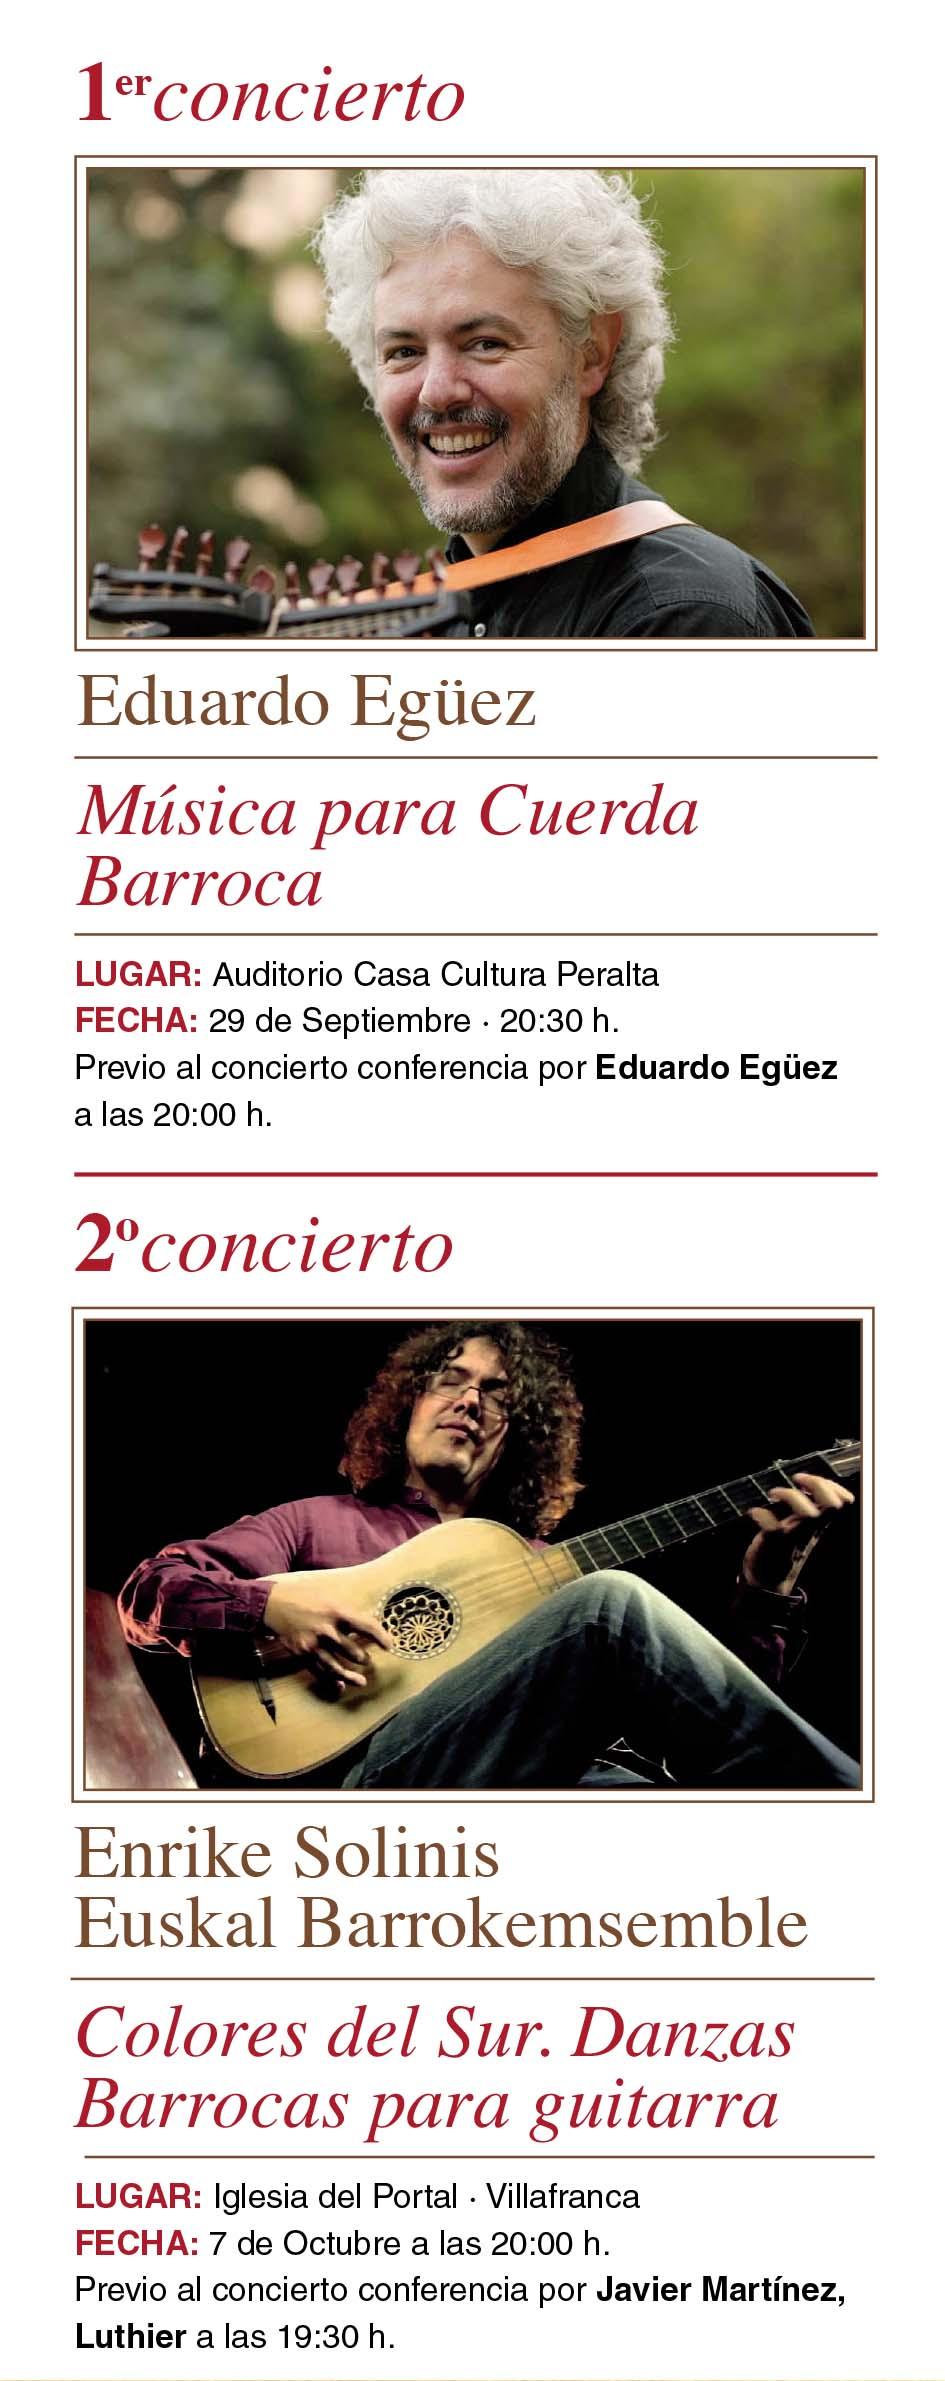 FestivalBarroco2